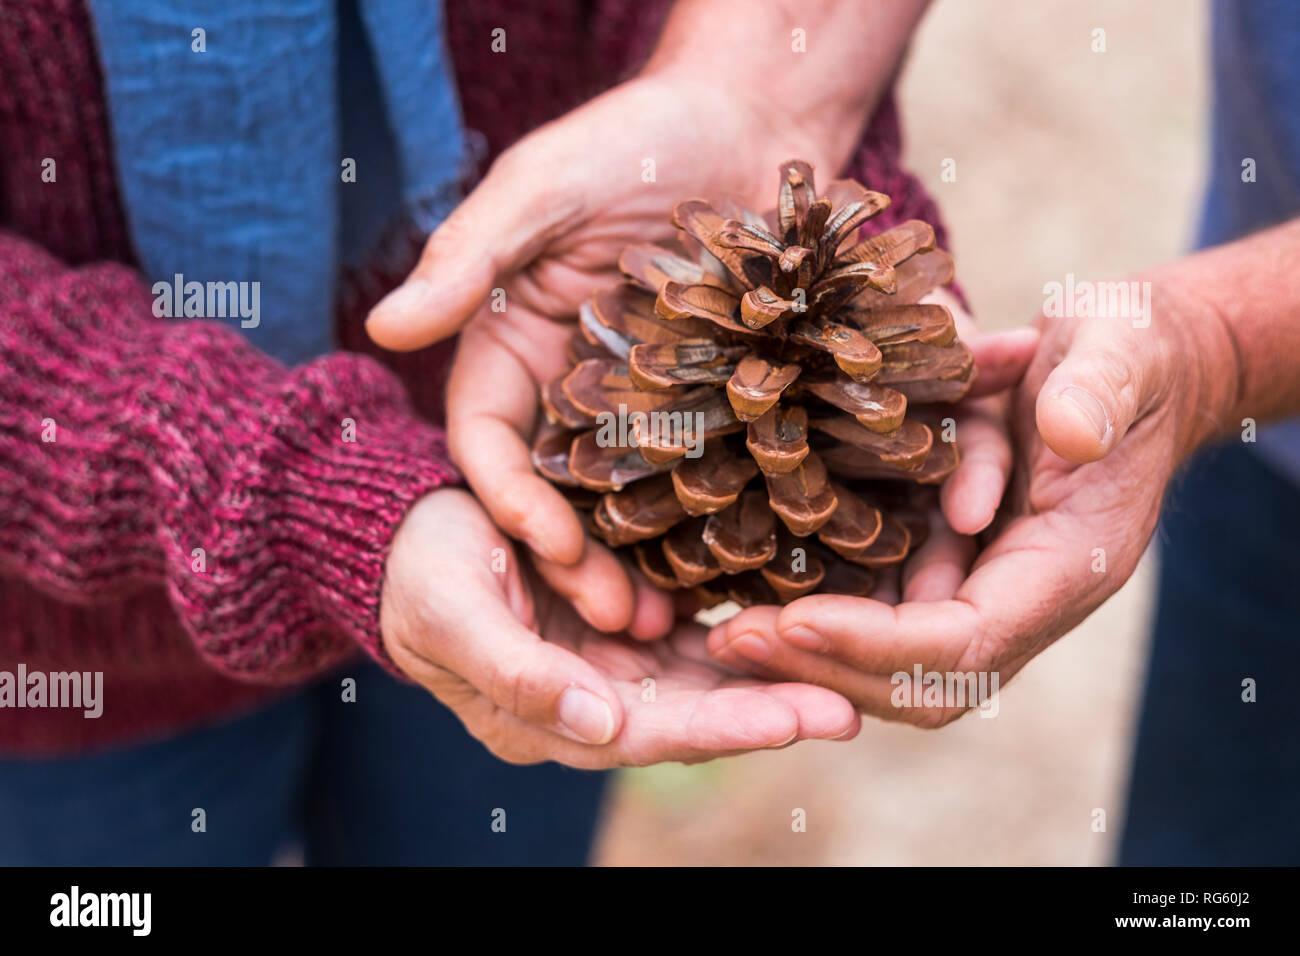 Par de manos del Cáucaso tomar y proteger un cono de pino juntos - suavemente y amablemente con la naturaleza humana para construir un mundo nuevo Foto de stock